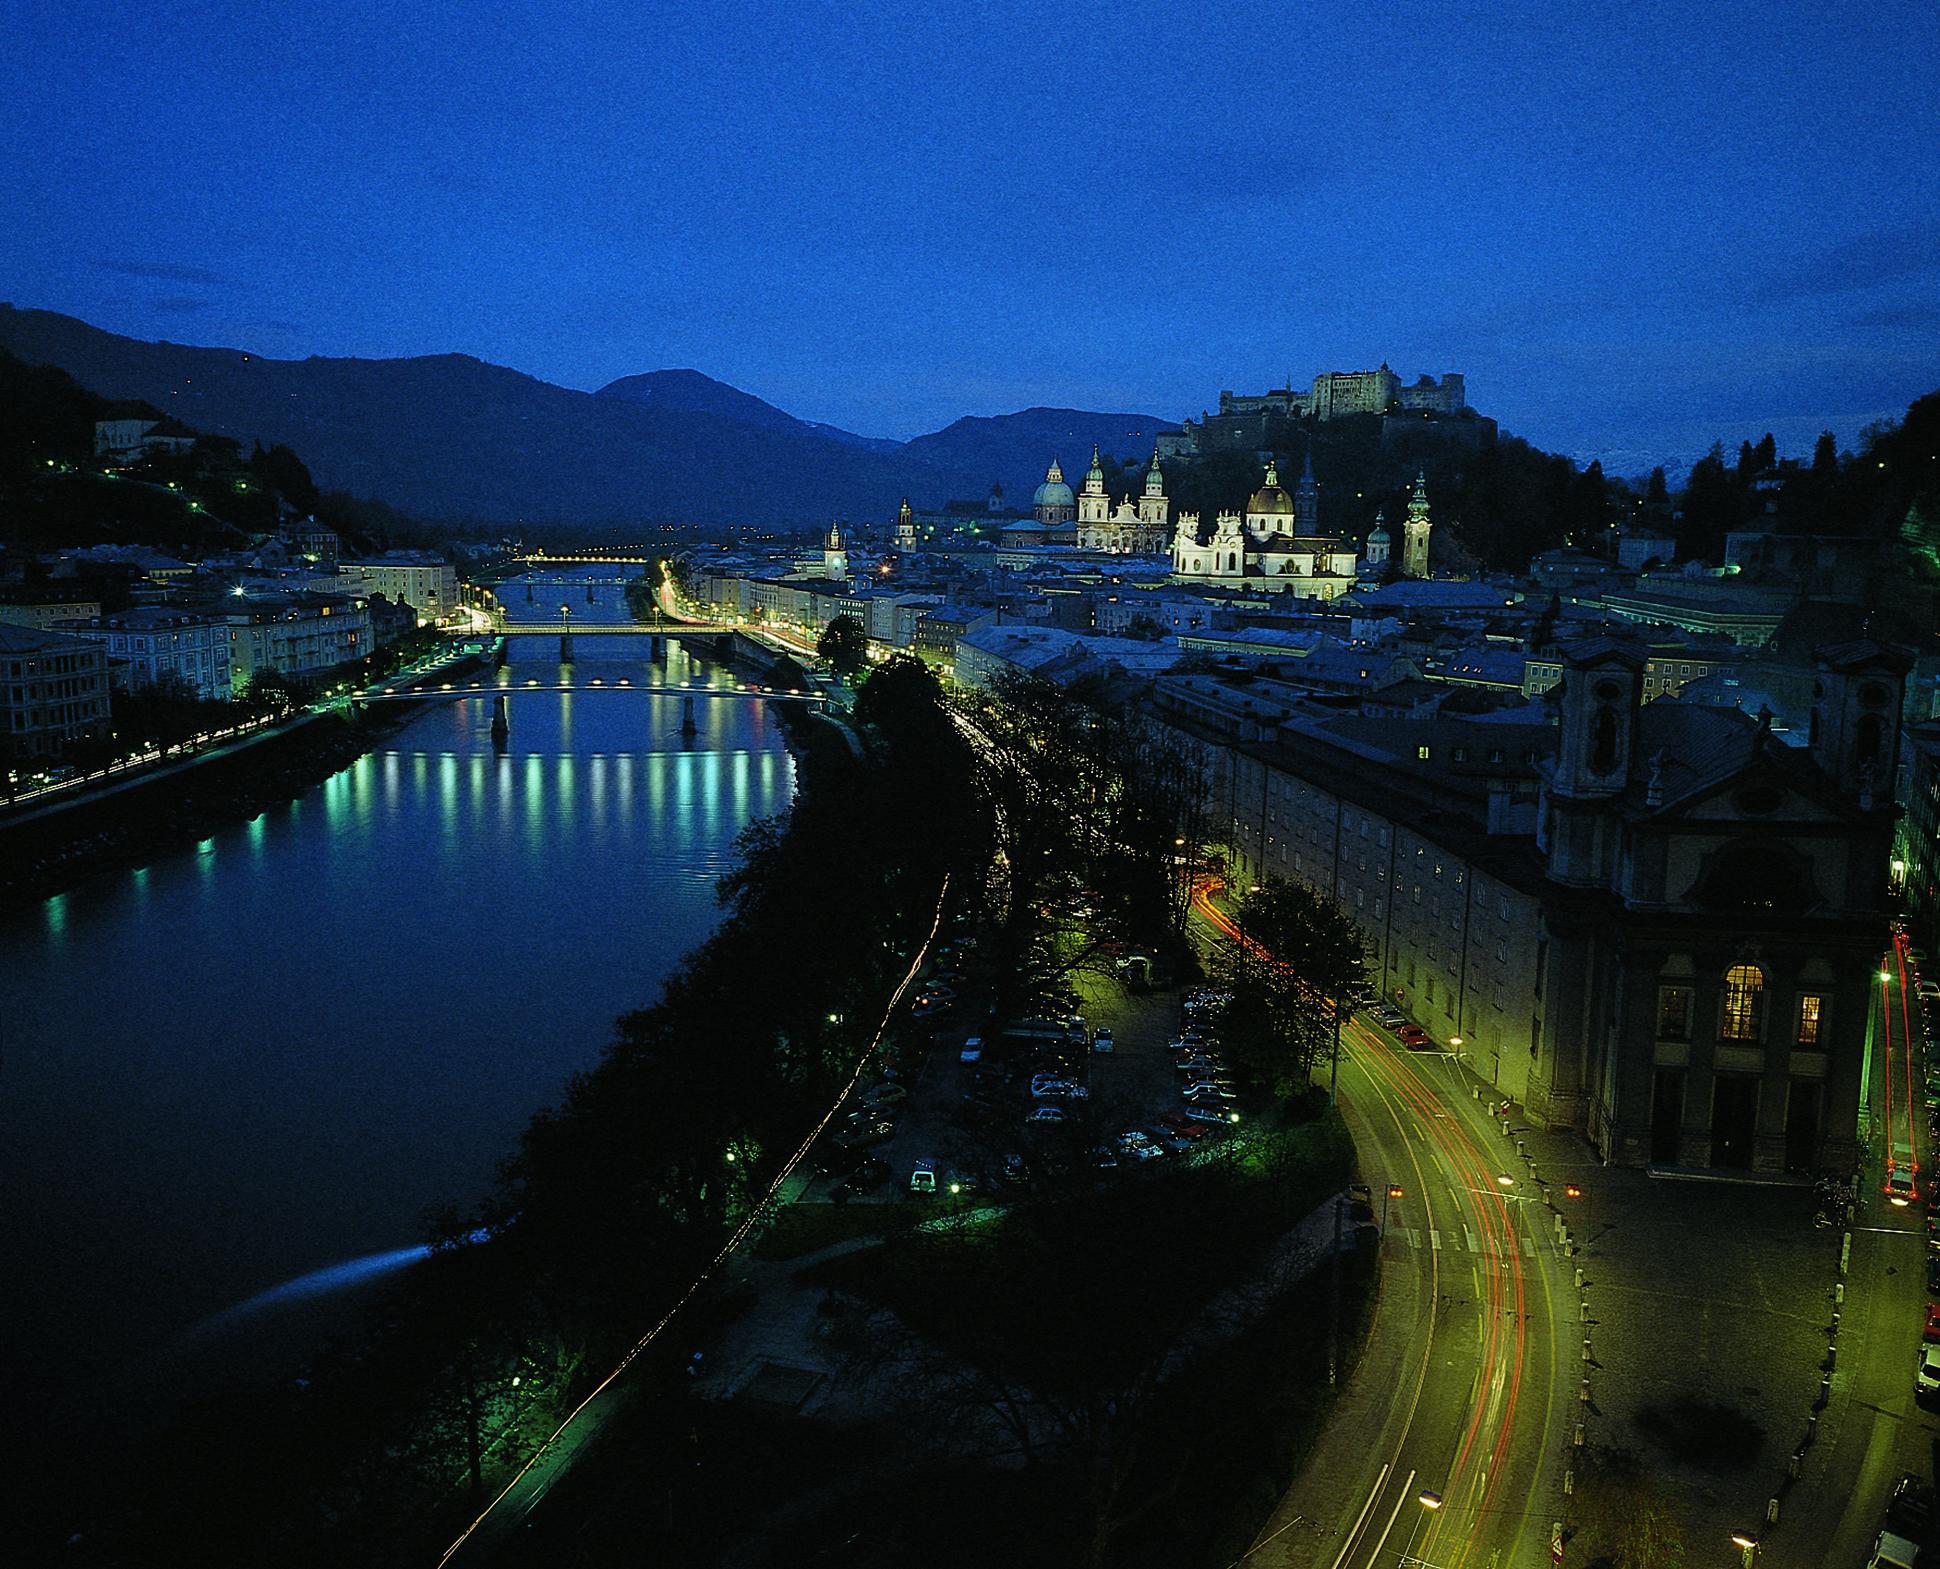 Appartement de vacances Salzburg/Ferienparadies am See/Goldener Herbst/ Christmas & Sylvester (2374298), Seekirchen am Wallersee, Salzbourg plaine, Salzbourg, Autriche, image 20